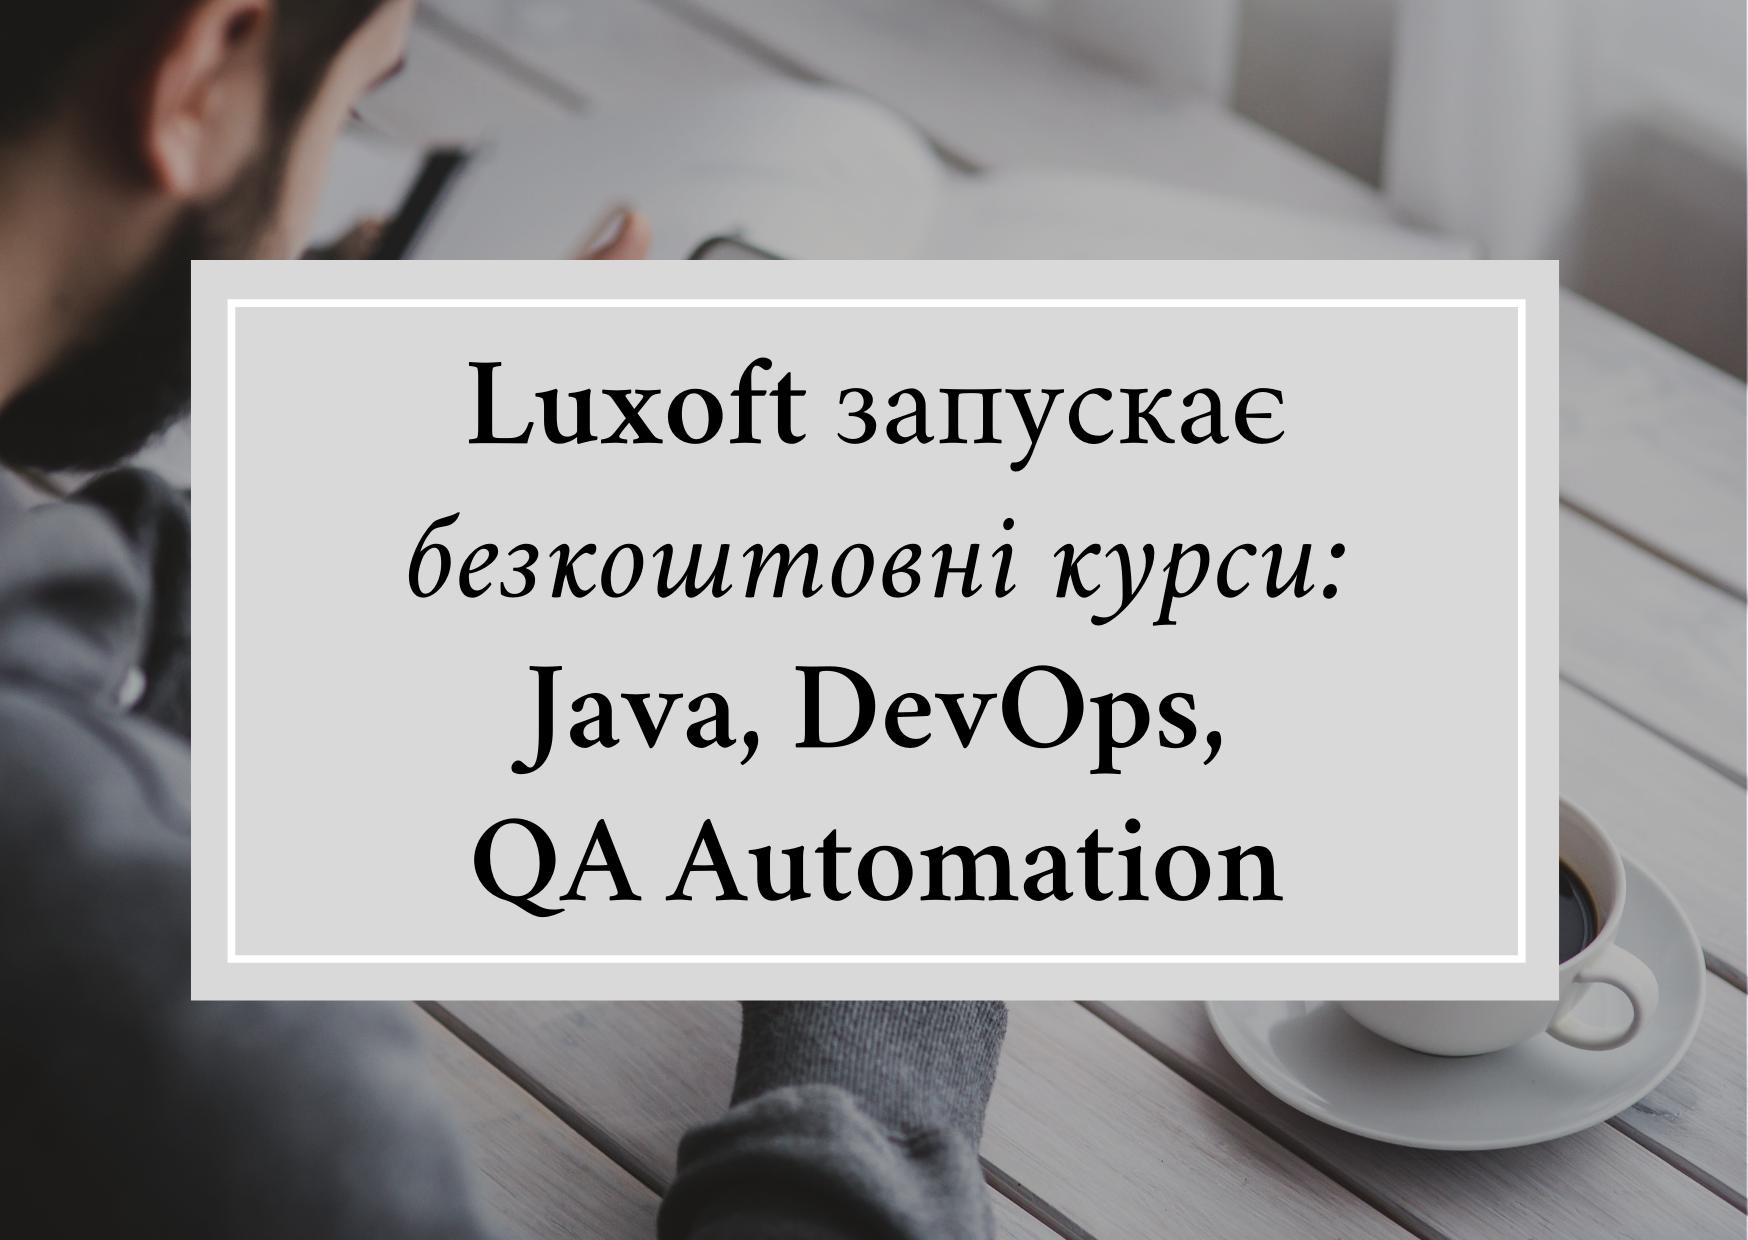 Безкоштовні курси від Luxoft